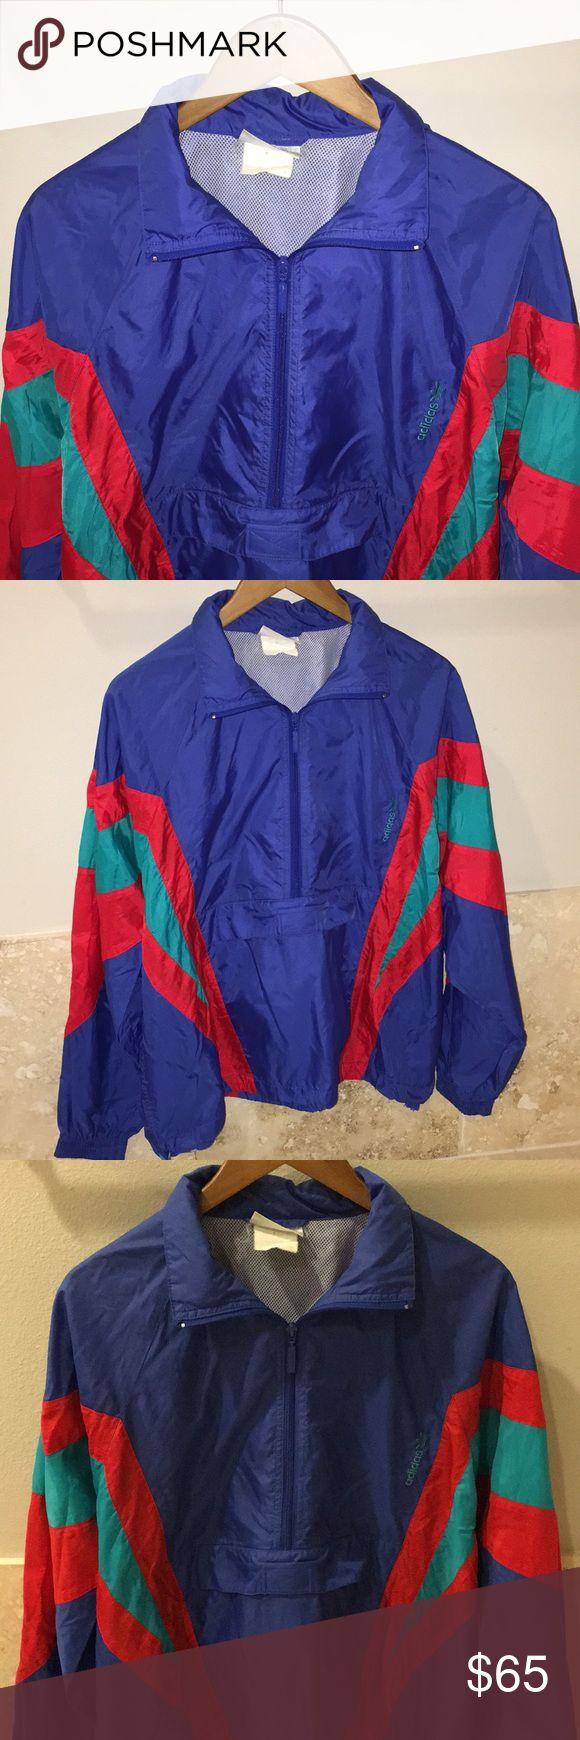 Vintage Adidas Windbreaker- Medium Vintage one of a kind piece! 📺🕹📻 True to size -Medium Ladies large ☎️☎️☎️☎️☎️☎️☎️☎️☎️☎️☎️☎️☎️ adidas Jackets & Coats Windbreakers